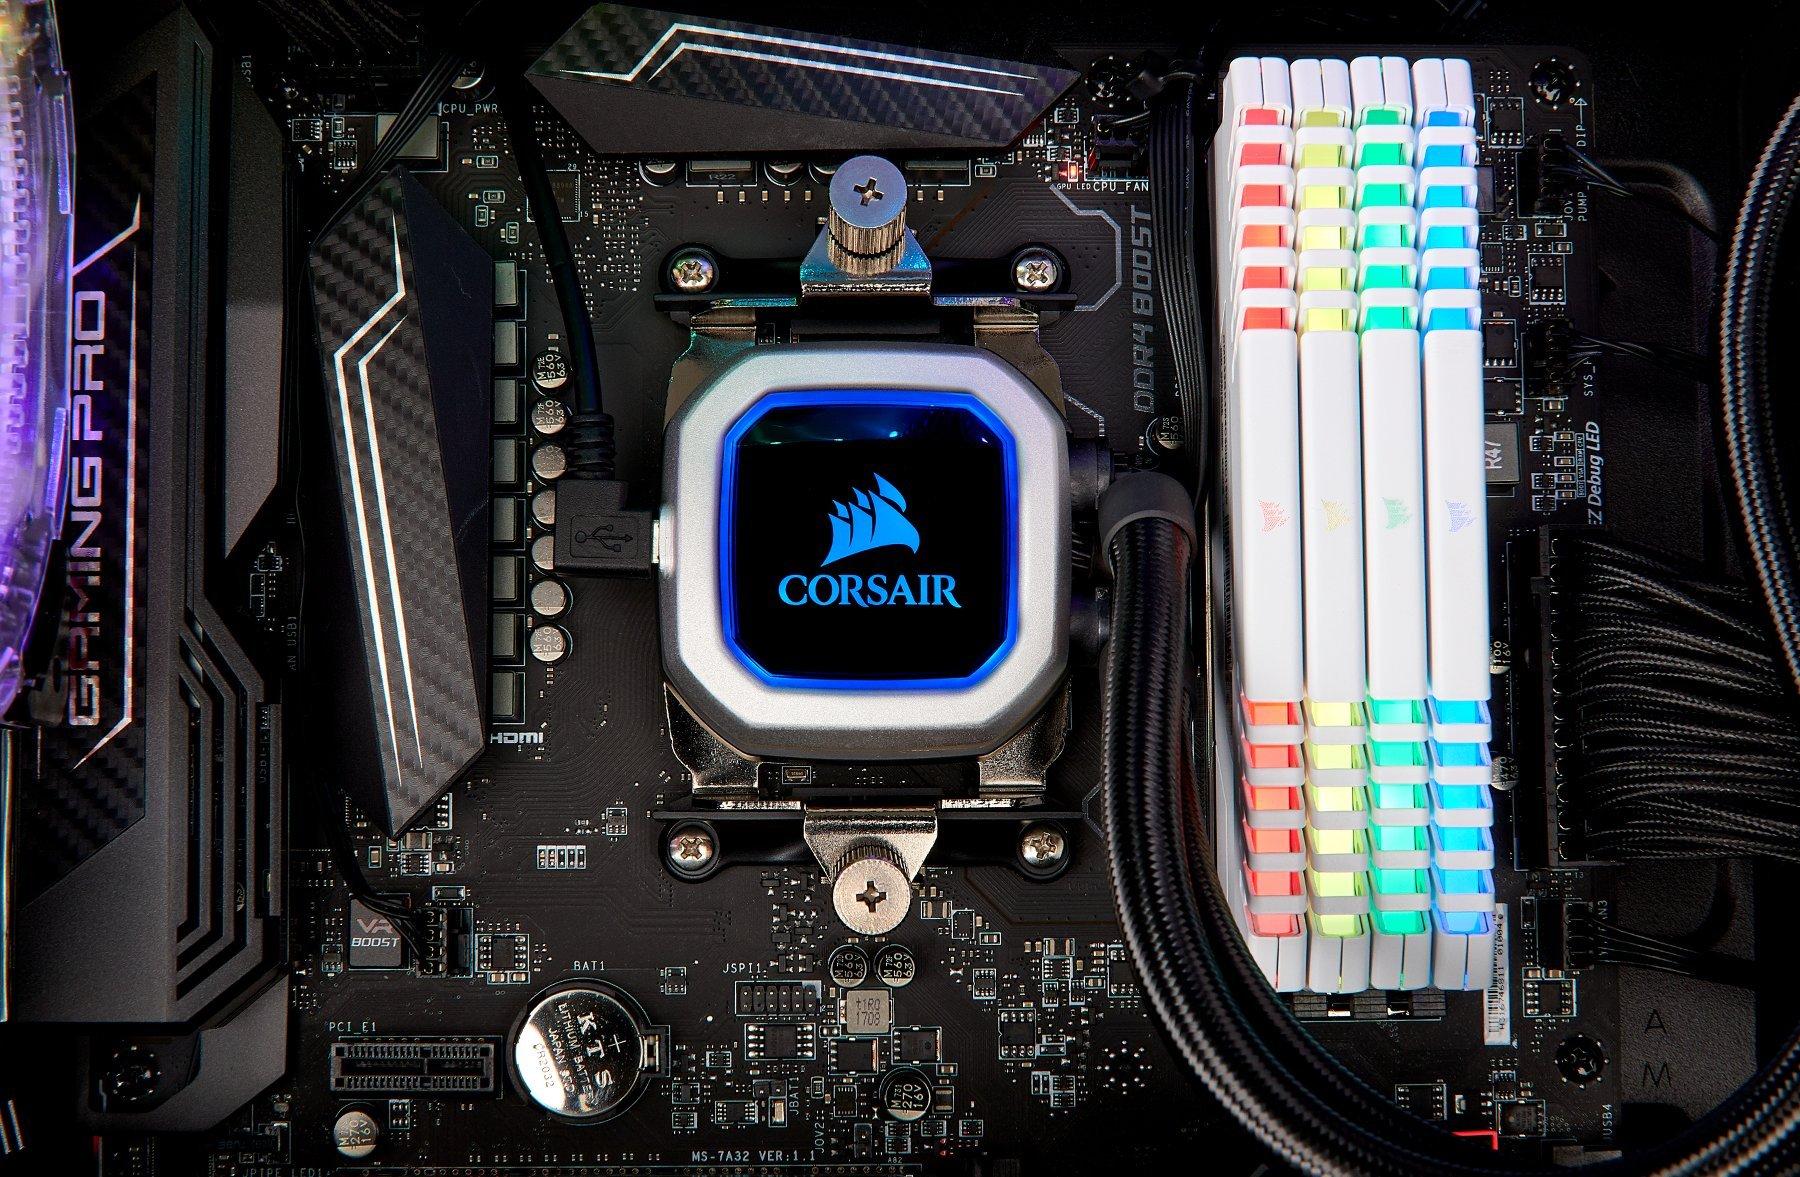 CORSAIR HYDRO Series H100i PRO RGB AIO Liquid CPU Cooler, 240mm, Dual ML120 PWM Fans, Intel 115x/2066, AMD AM4 by Corsair (Image #17)